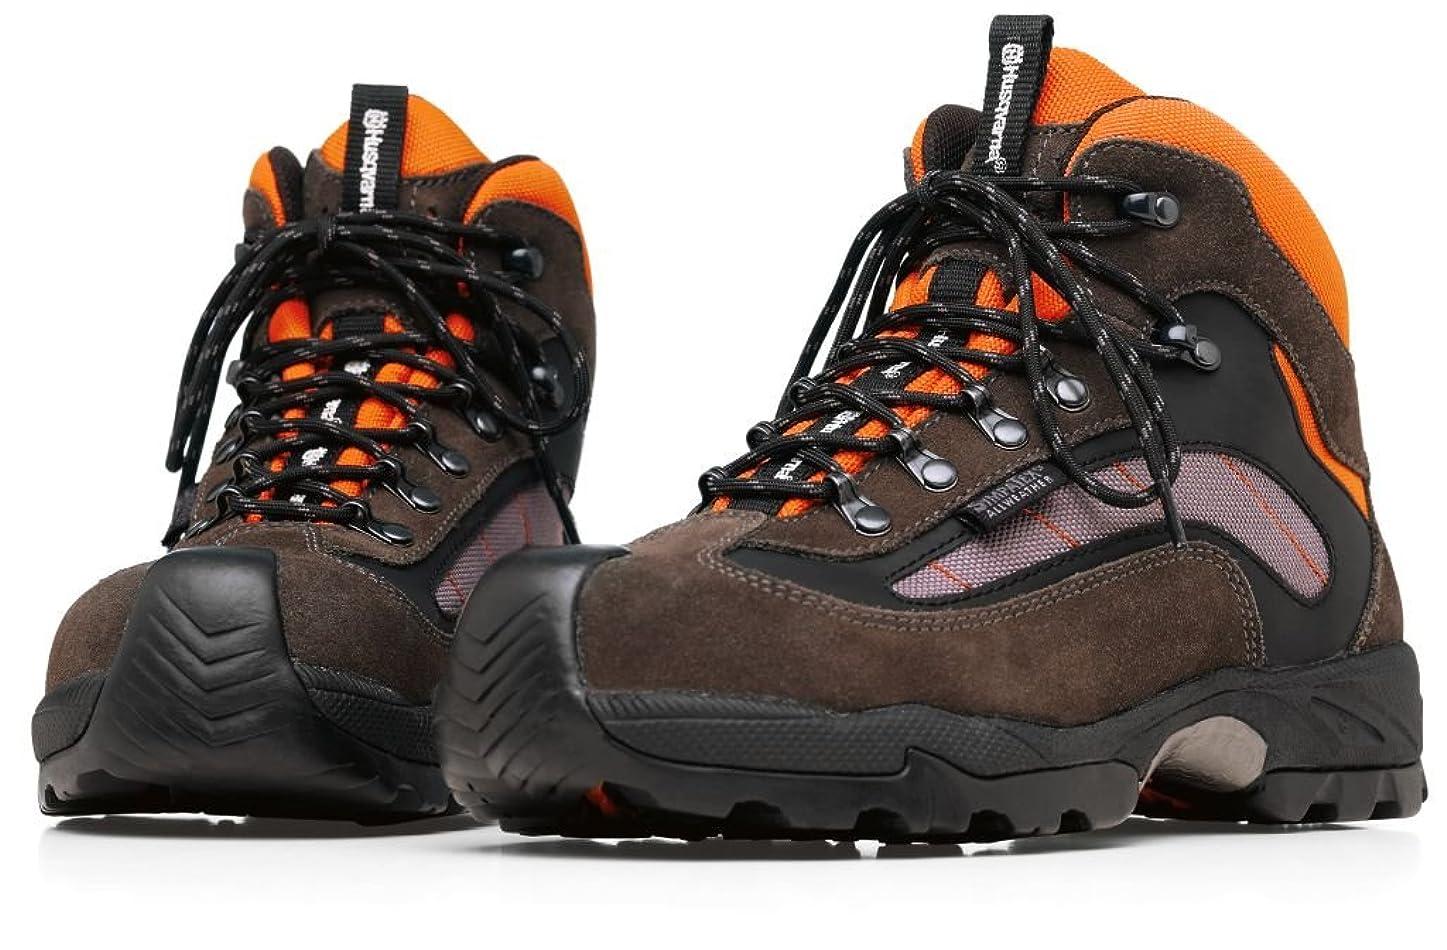 何もないリズミカルなローンハスクバーナ ブーツ テクニカル 575354742 合成樹脂製トゥキャップ入り オレンジ/グレー/黒 42 (26.5cm)